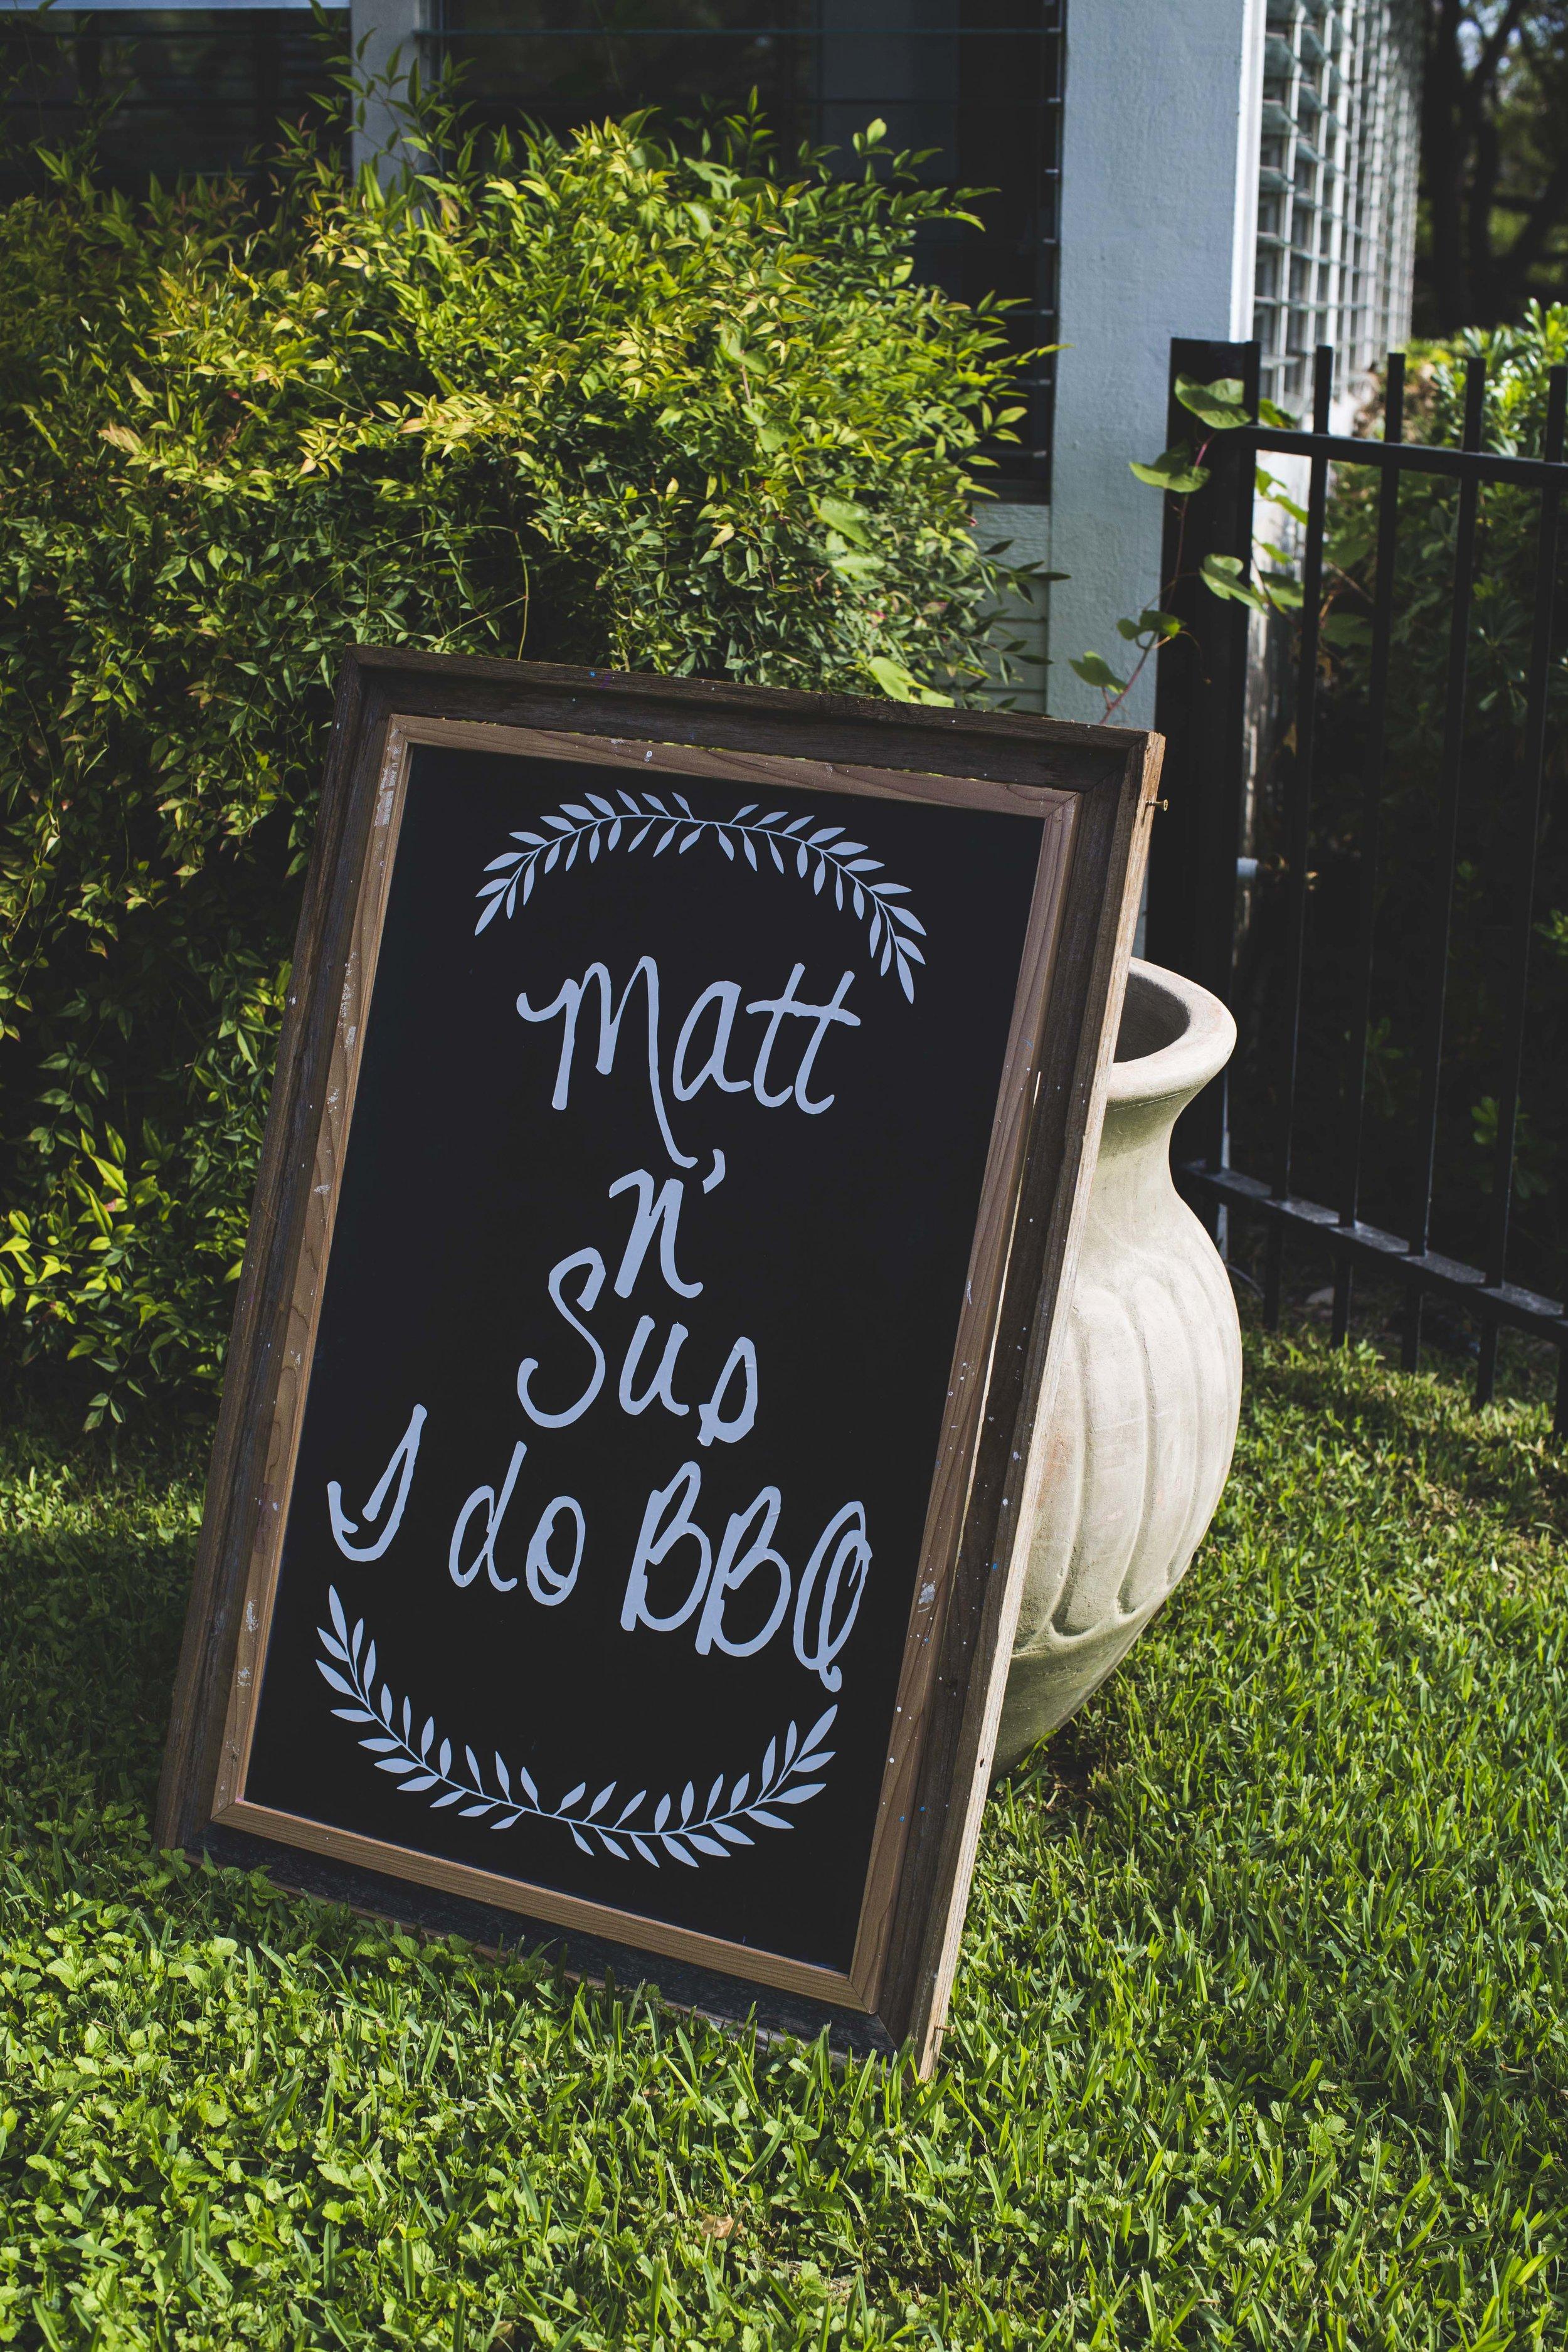 0ATGI_Susanna & Matt Wedding_717A7185.jpg